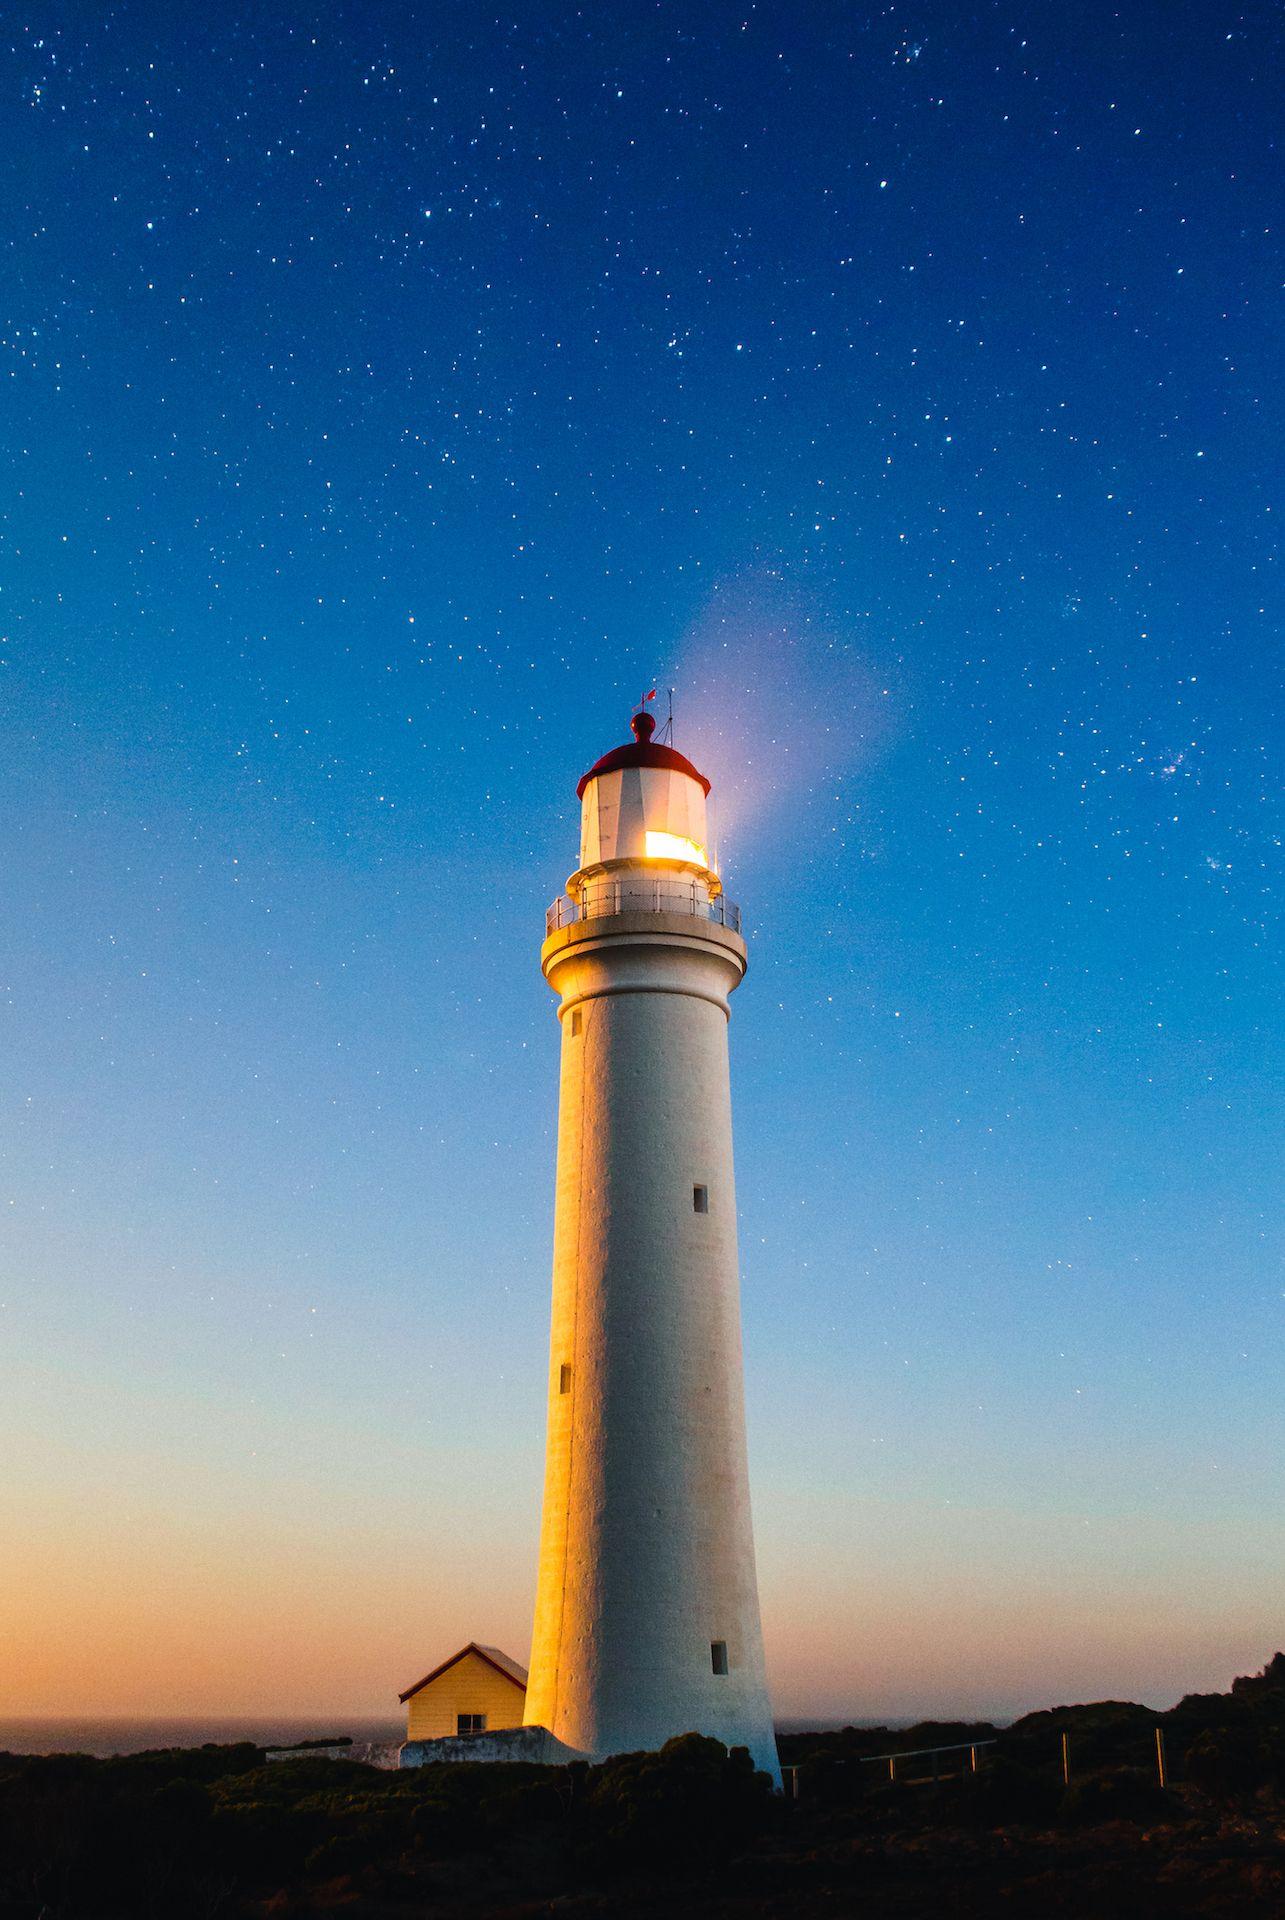 Faro Cielo Noche Estrellas Luz 1608110842 Faro De Luz Pintura De Faro Faro